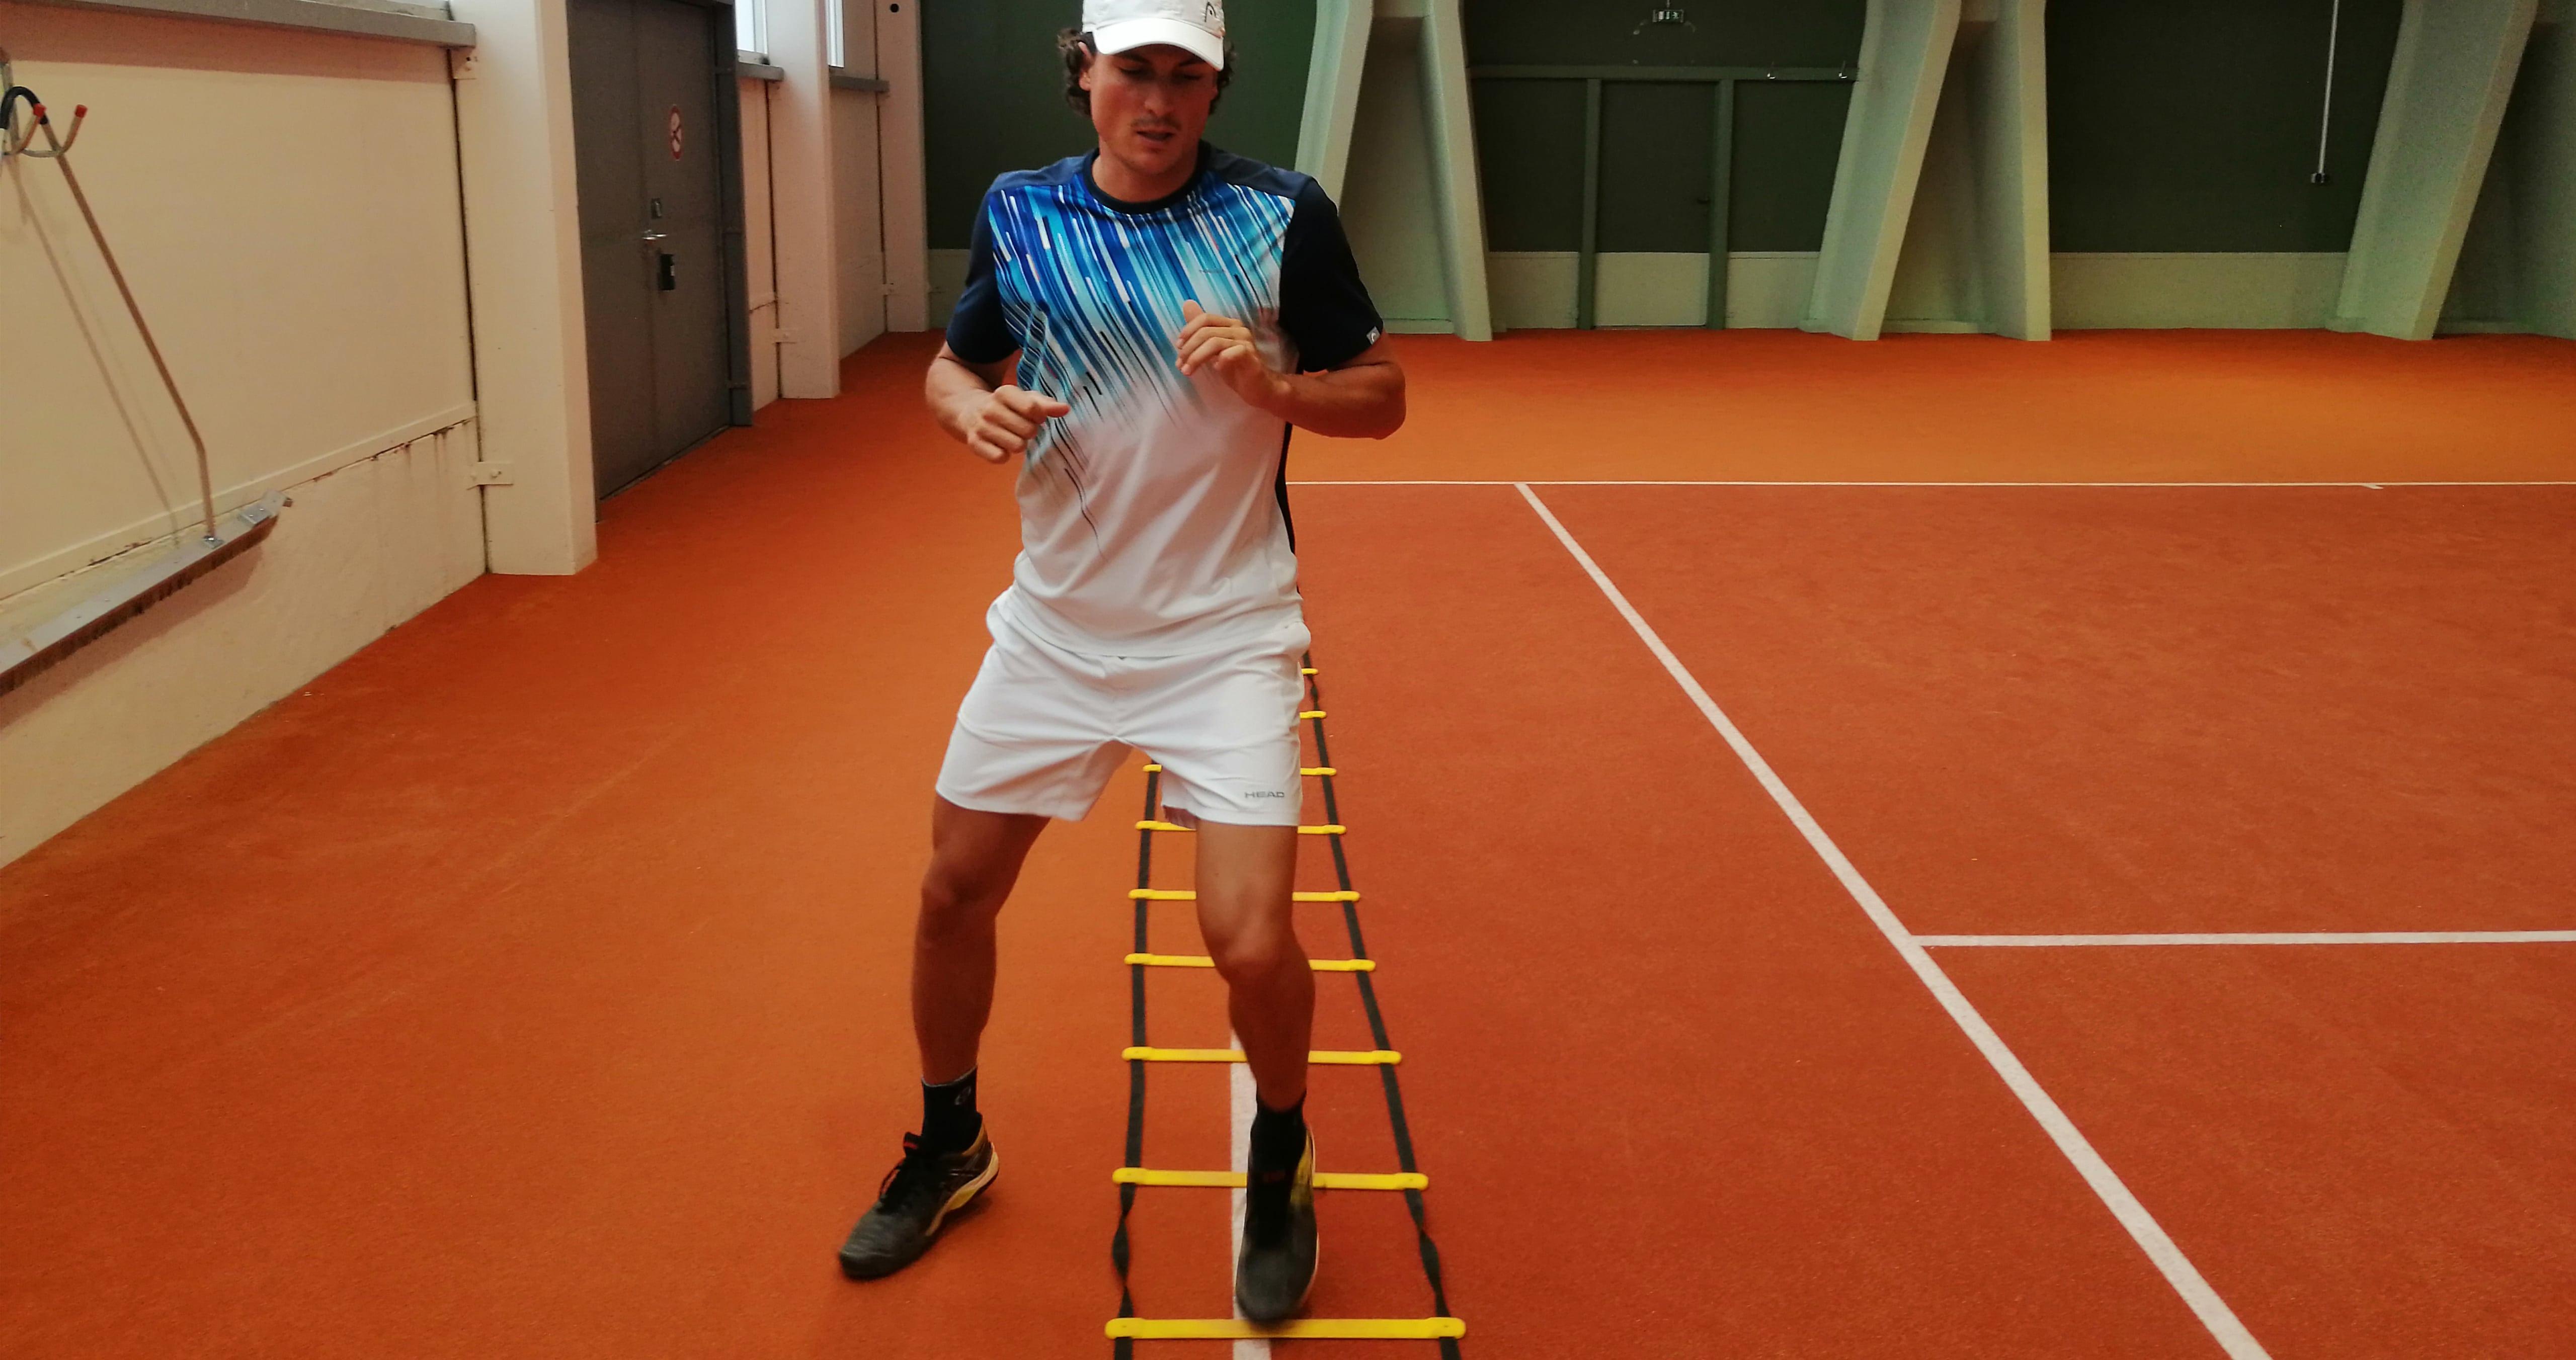 Fehler beim Tennis City Outlet Blog Dominik Wirlend Beinarbeit